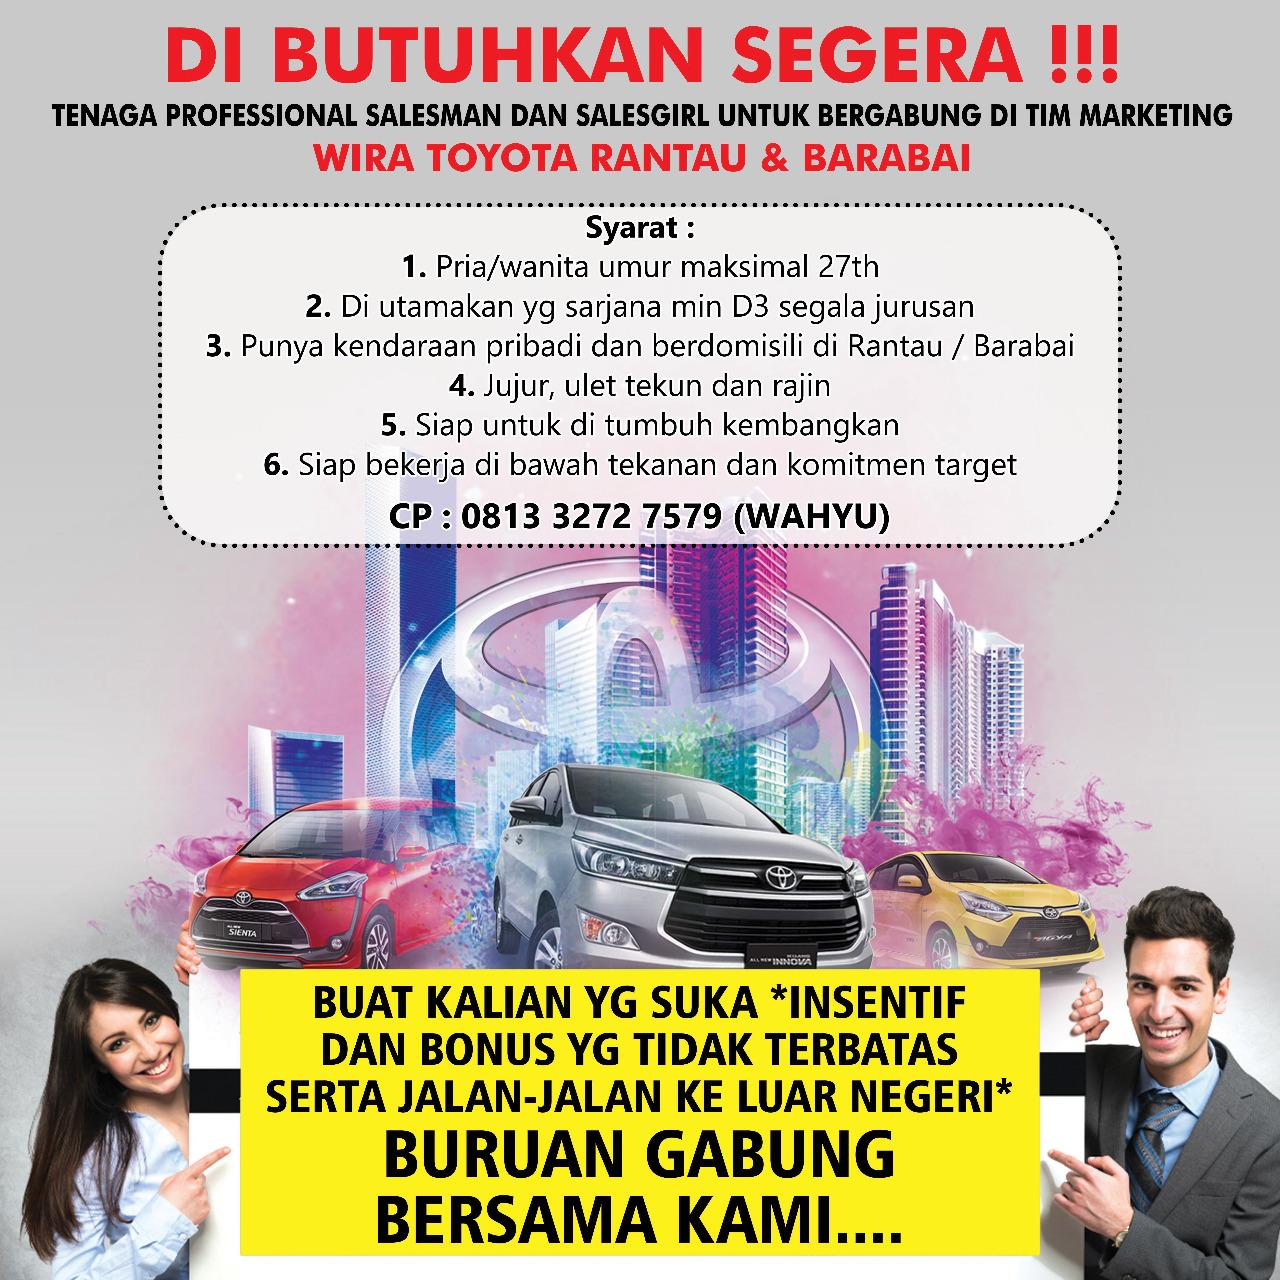 lowongan Toyota Rantau & Barabai